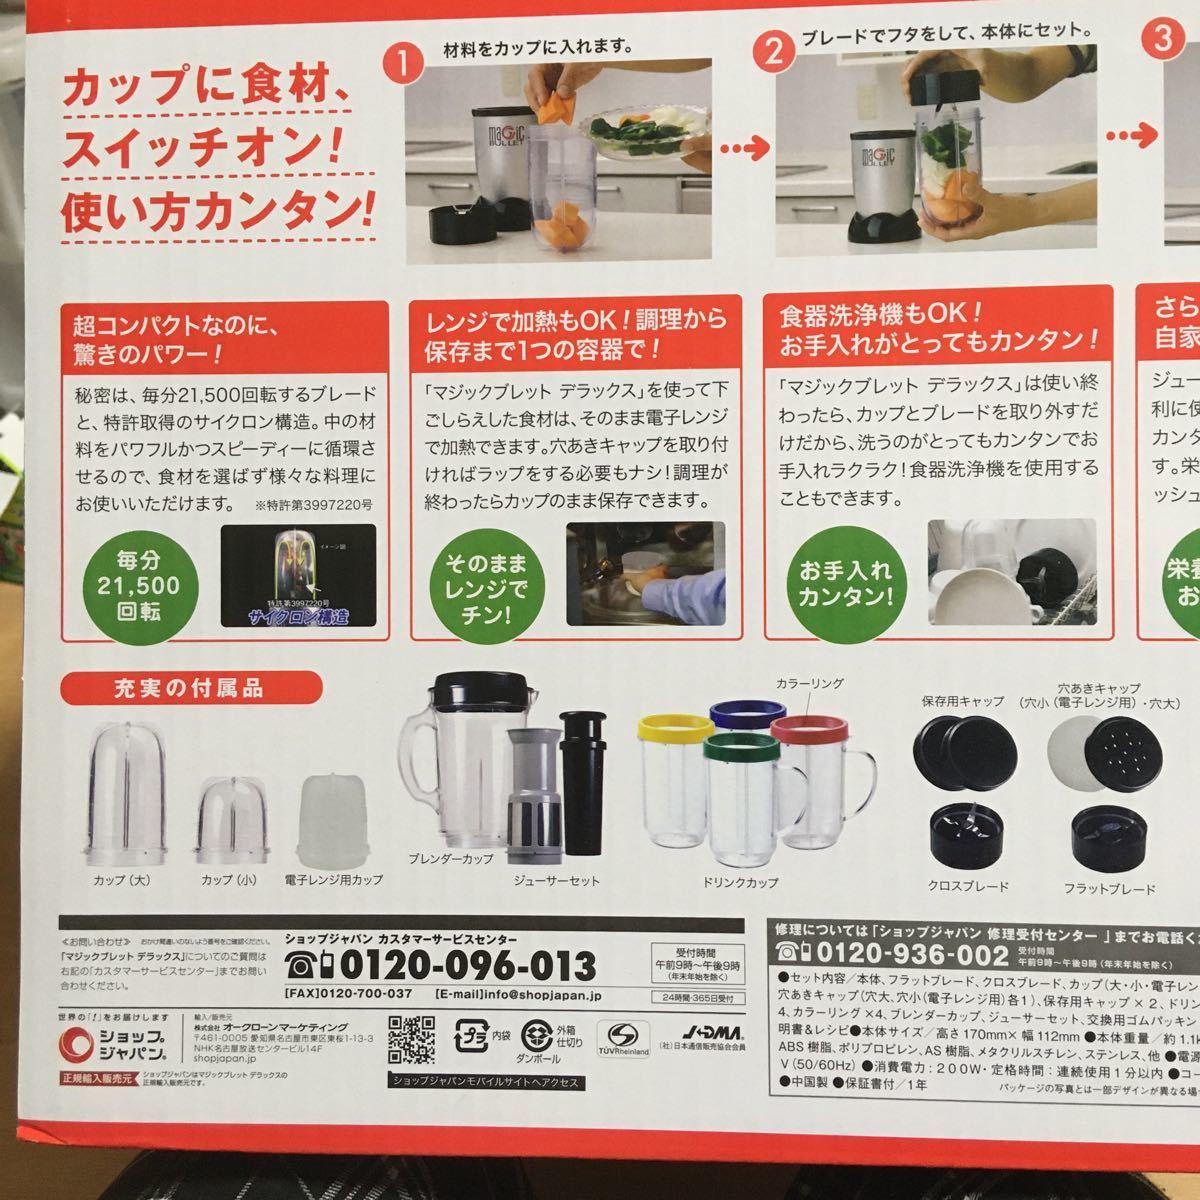 未使用 マジックブレットデラックス 1台7役のジューサー ミキサー ショップジャパン